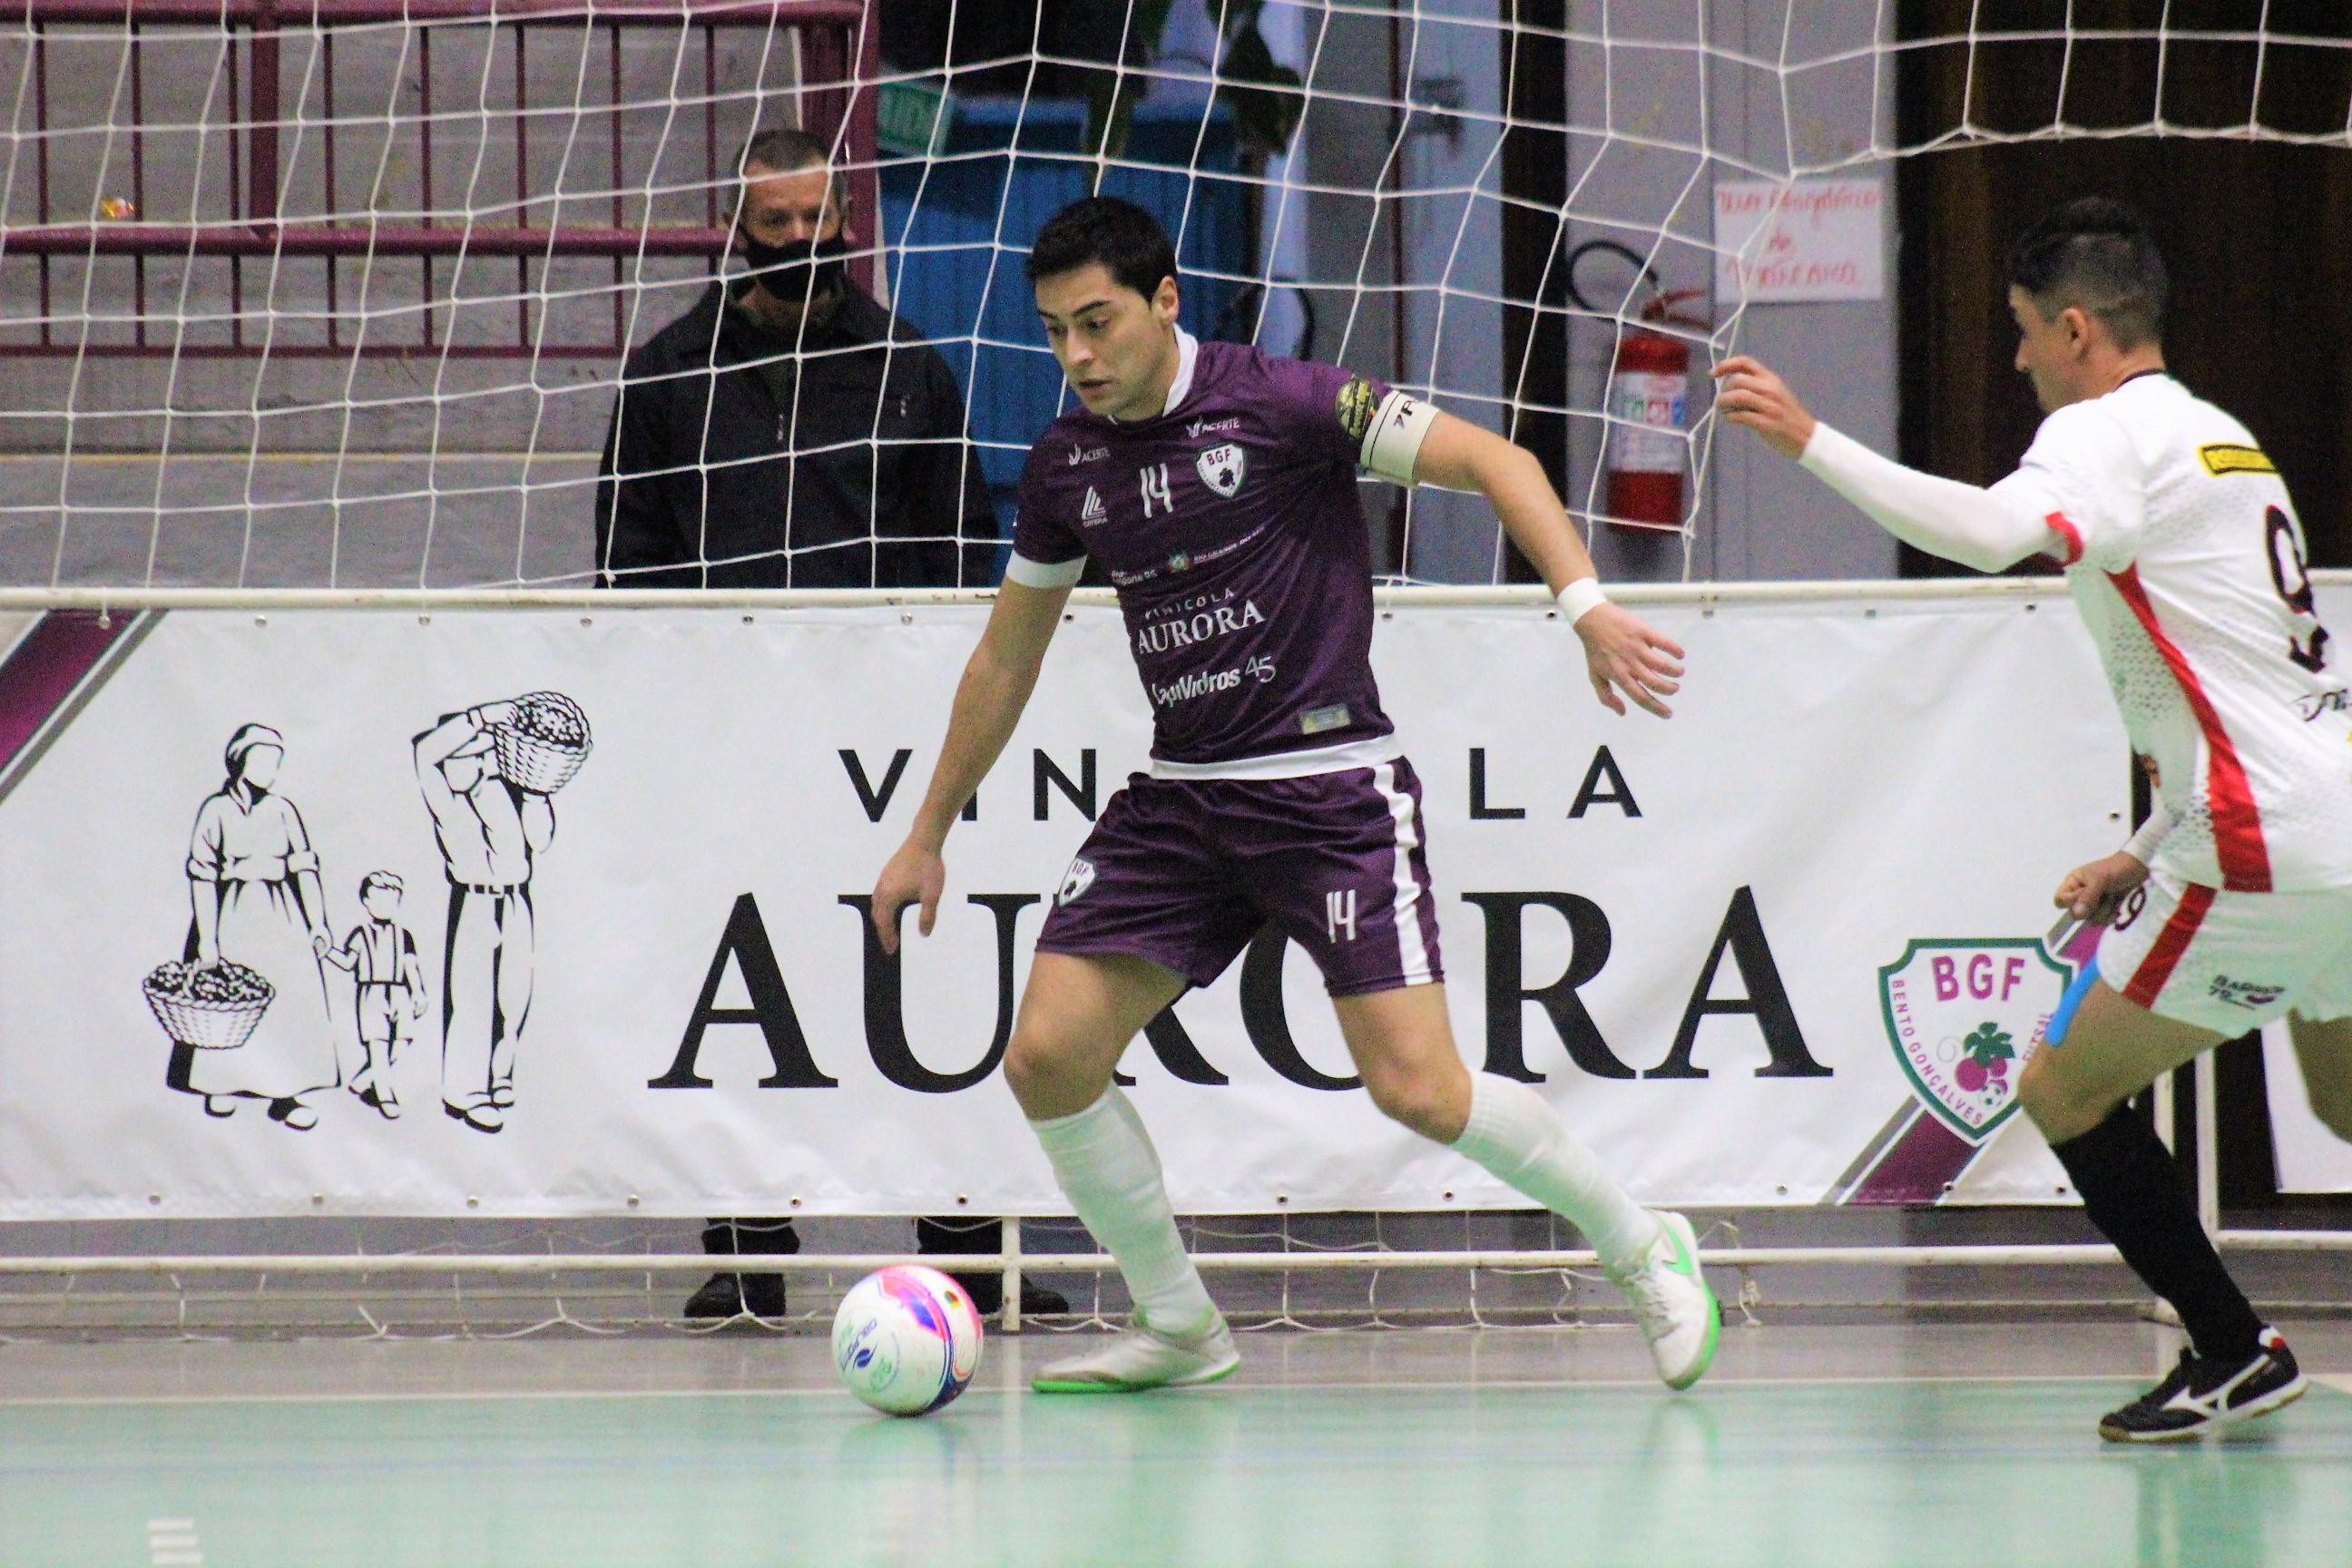 BGF visita o UFSM Futsal em seu primeiro compromisso fora de casa pela Série Ouro